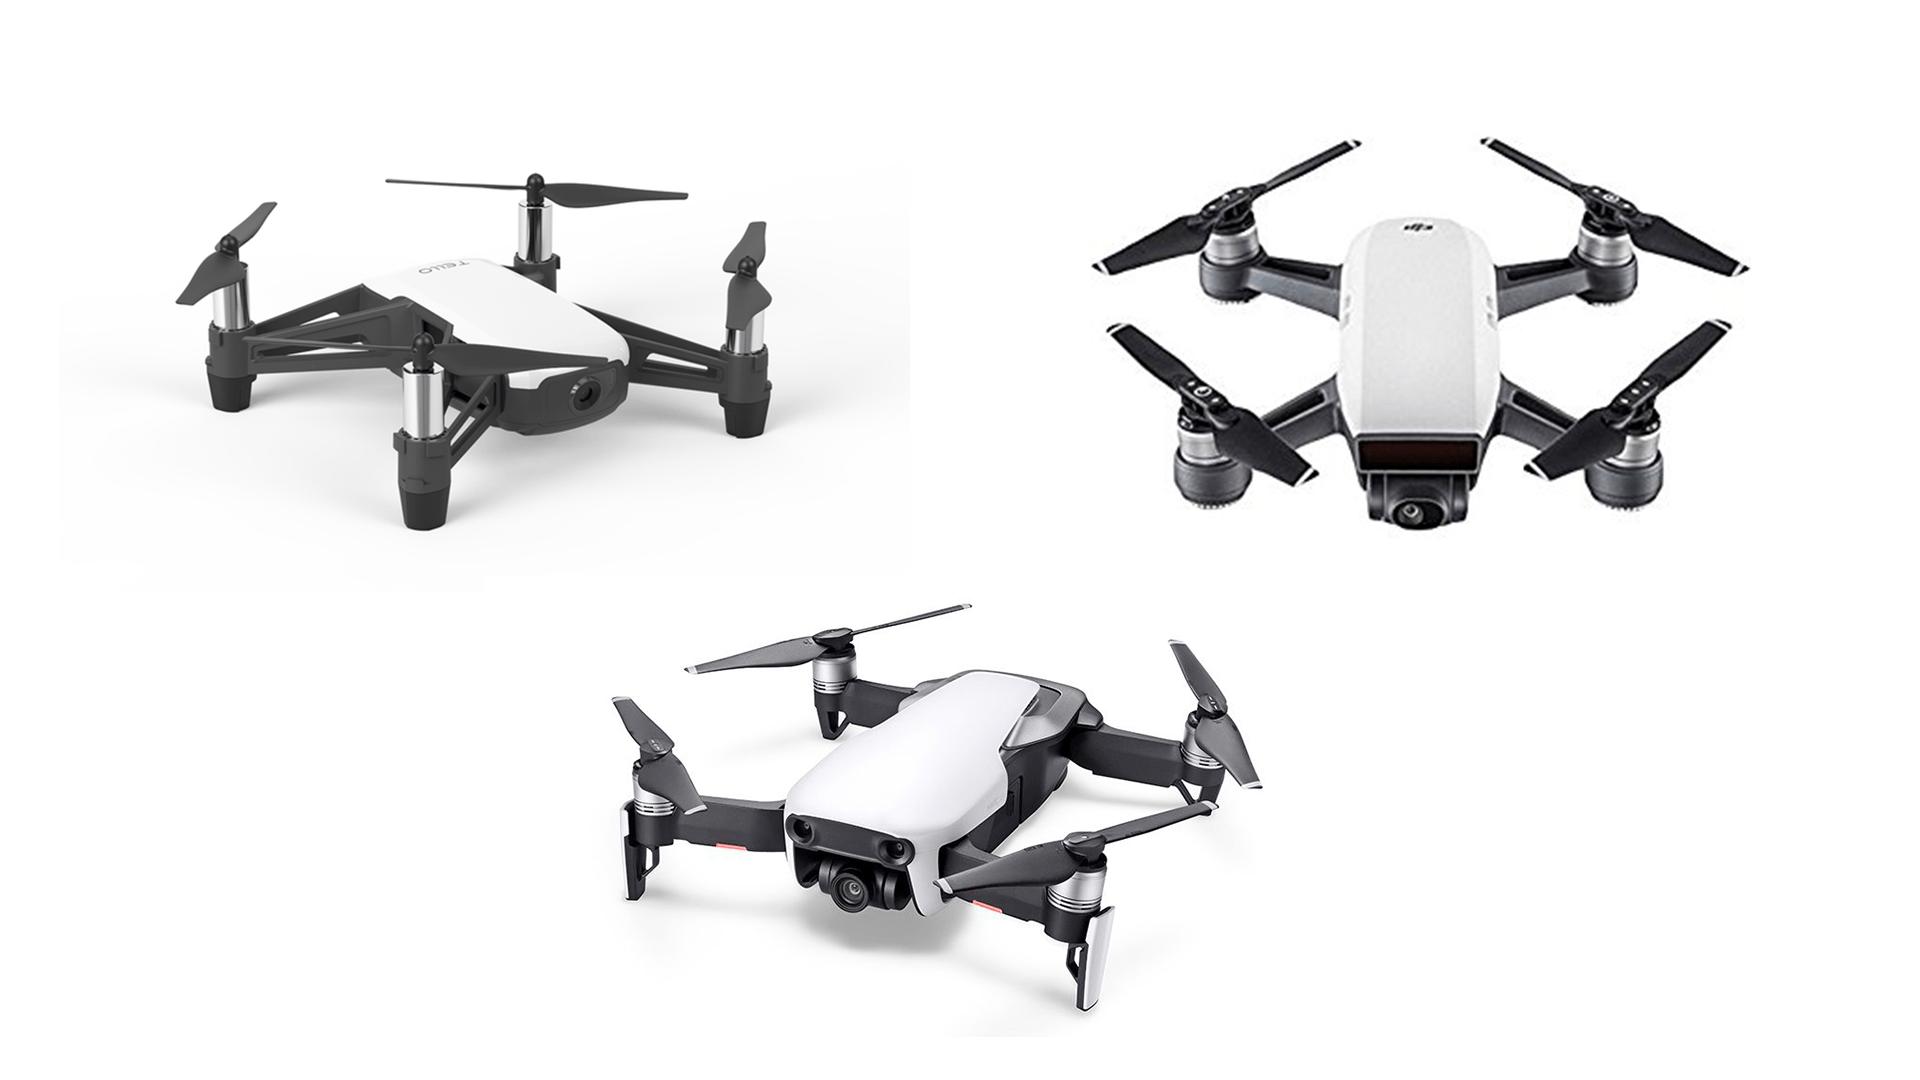 Promotion drone grand prix, avis drone telecommande